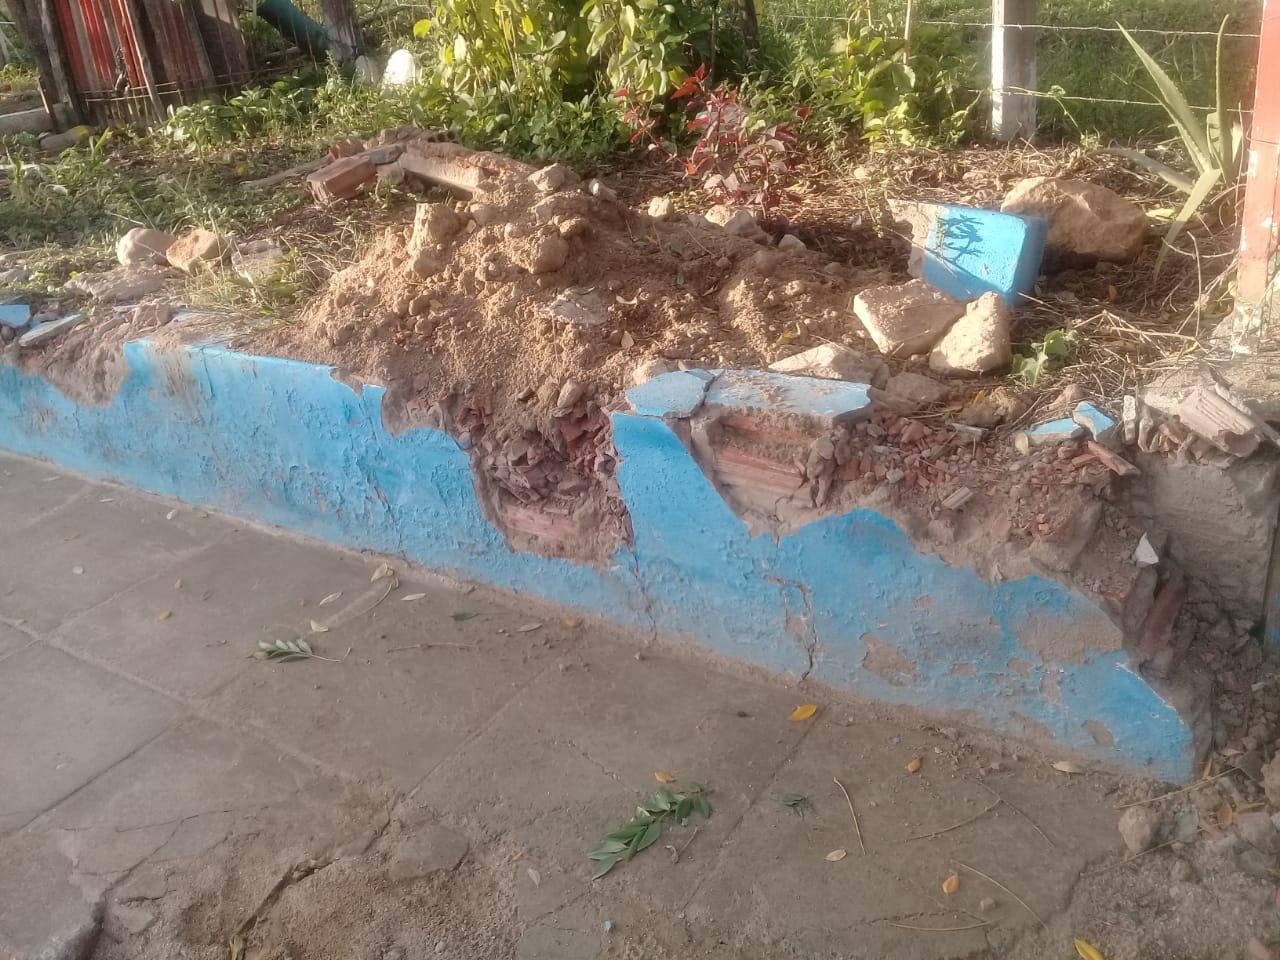 Líder comunitário denuncia danos à praça durante obras de saneamento na zona rural de Belo Jardim